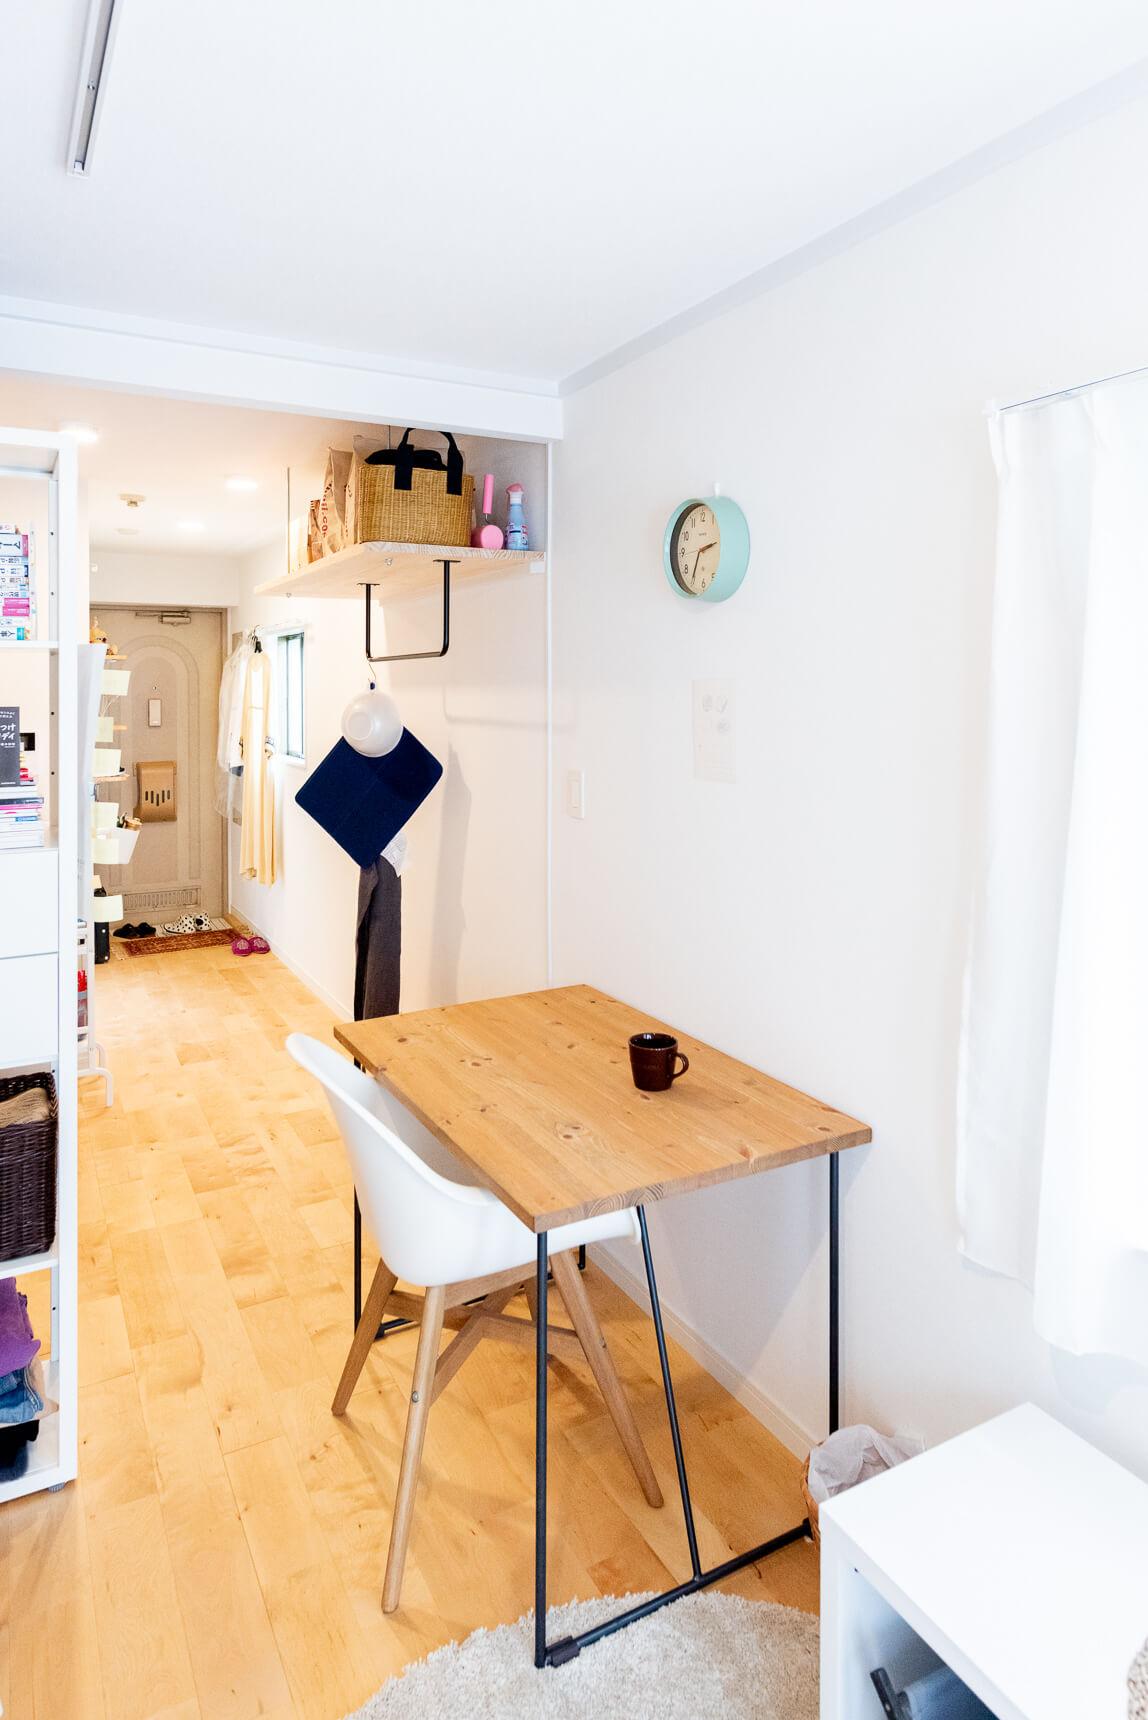 大谷さんご自身も「このテーブルが、この部屋で一番のお気に入り」という。